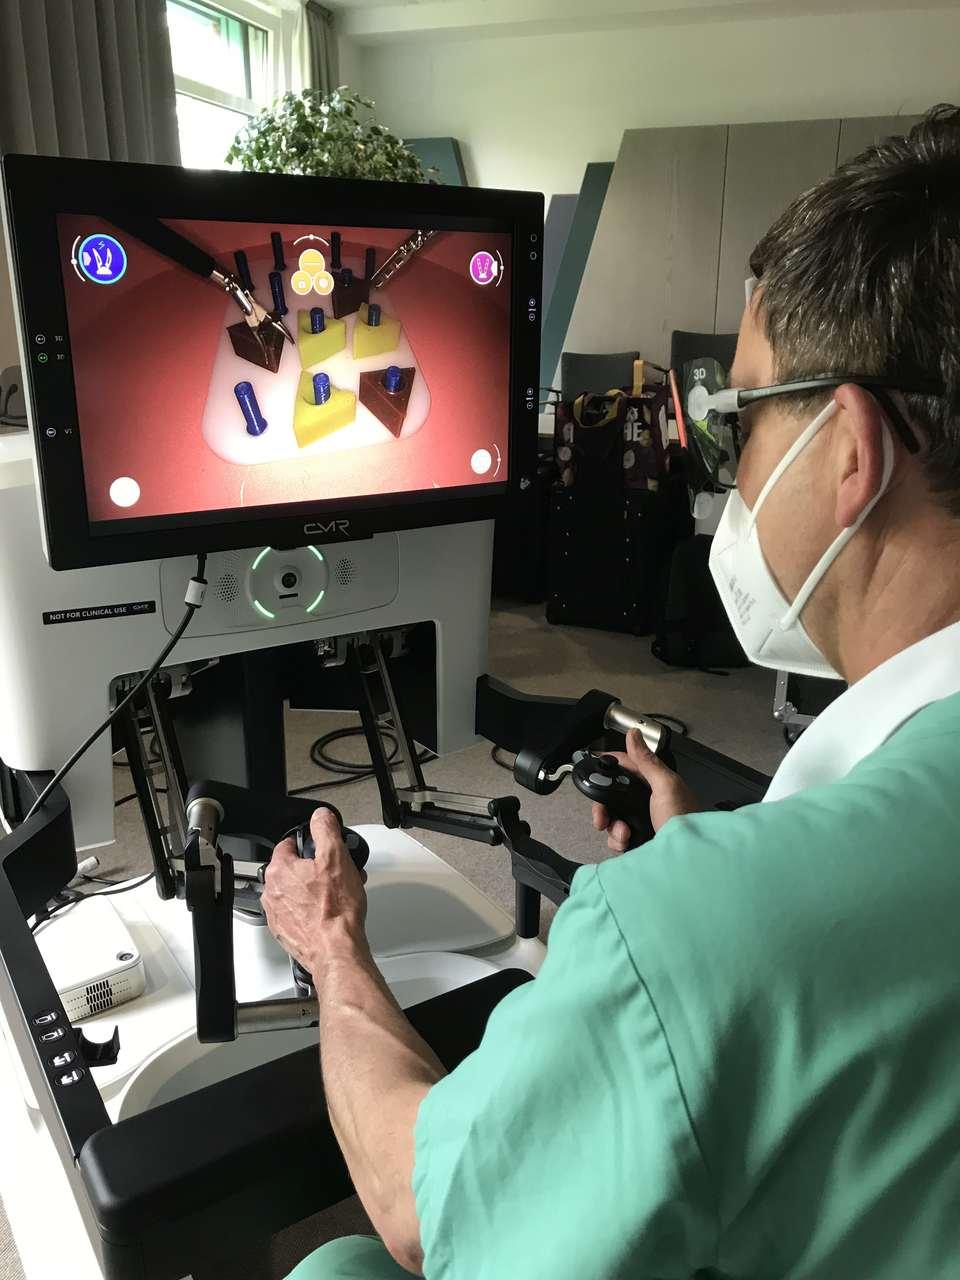 St. Josef: Robotik am OP-Tisch?